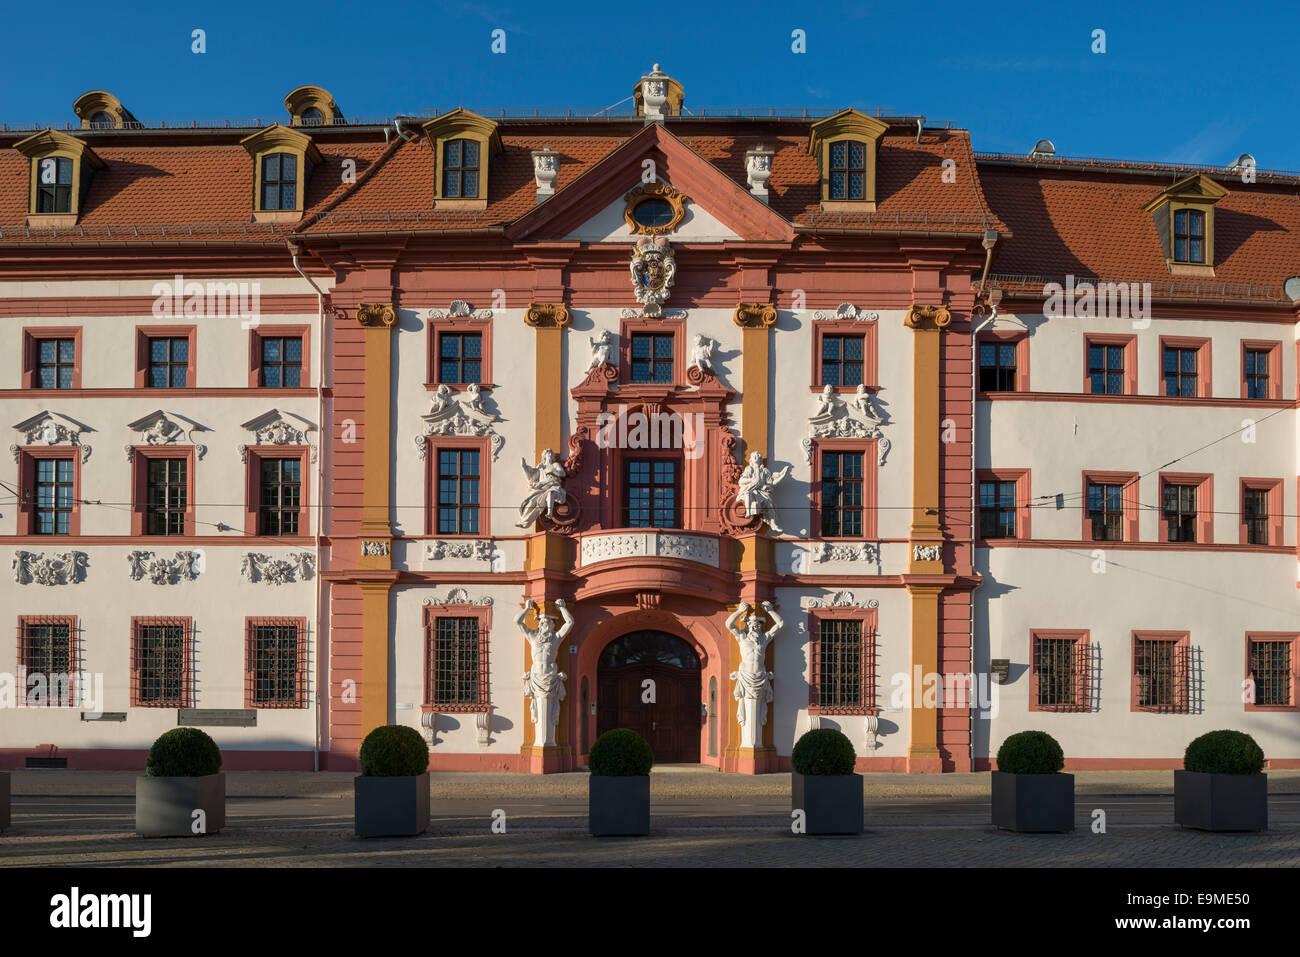 Cancillería del Estado de Turingia, el centro histórico, Erfurt, Turingia, Alemania Imagen De Stock